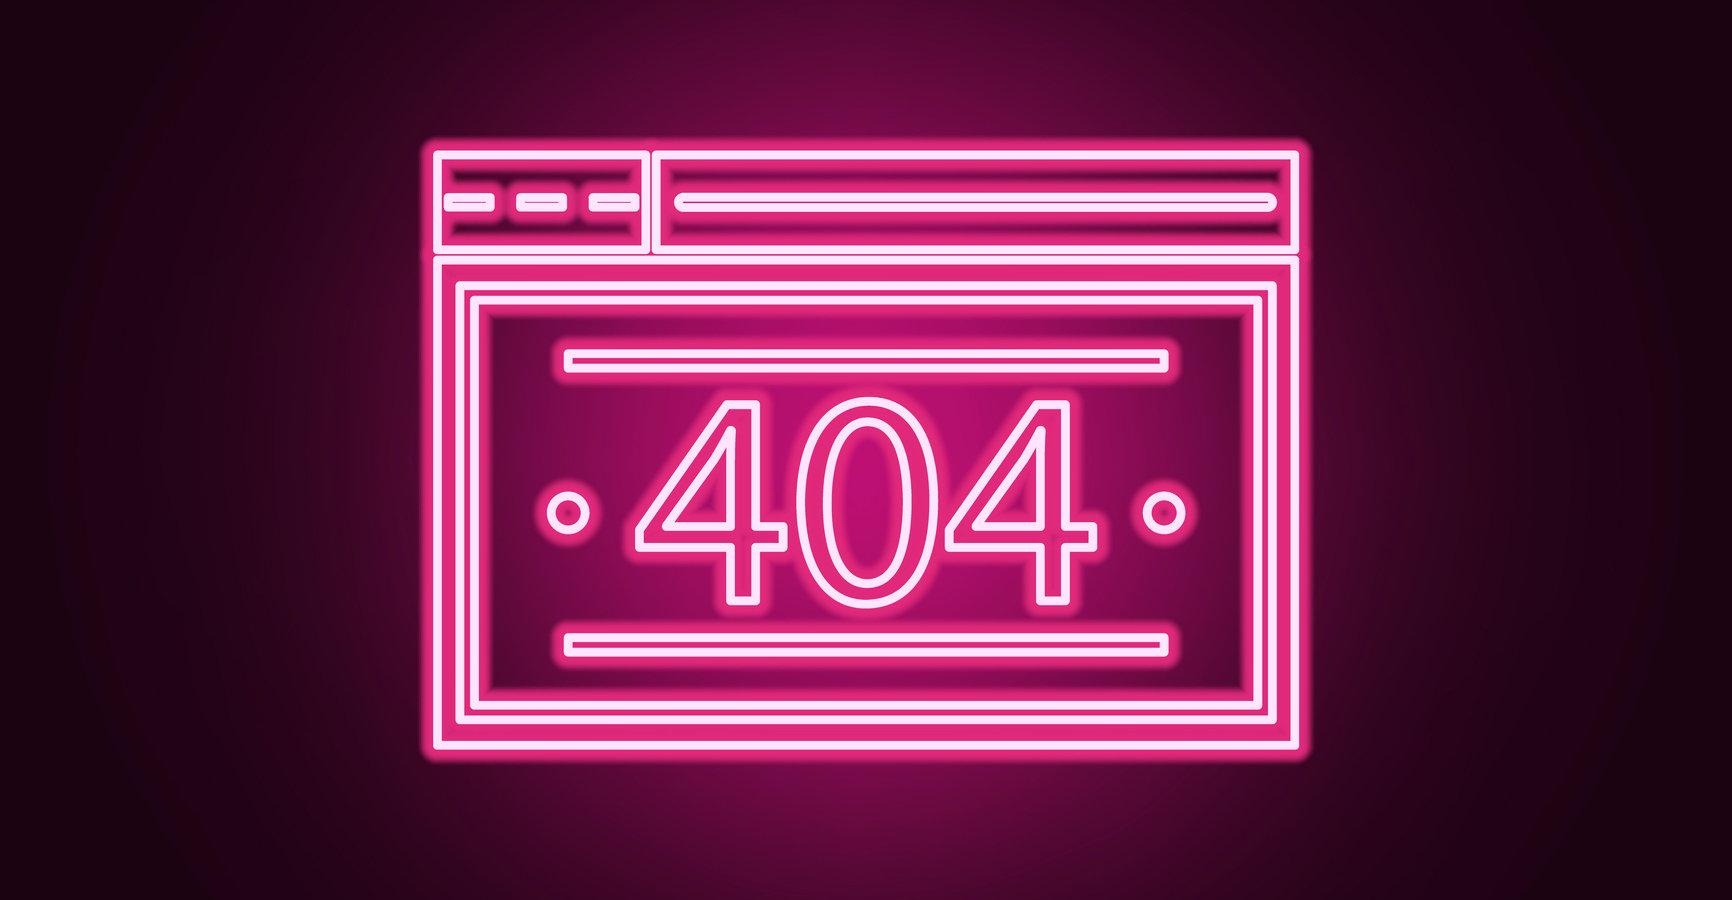 404 slim edit